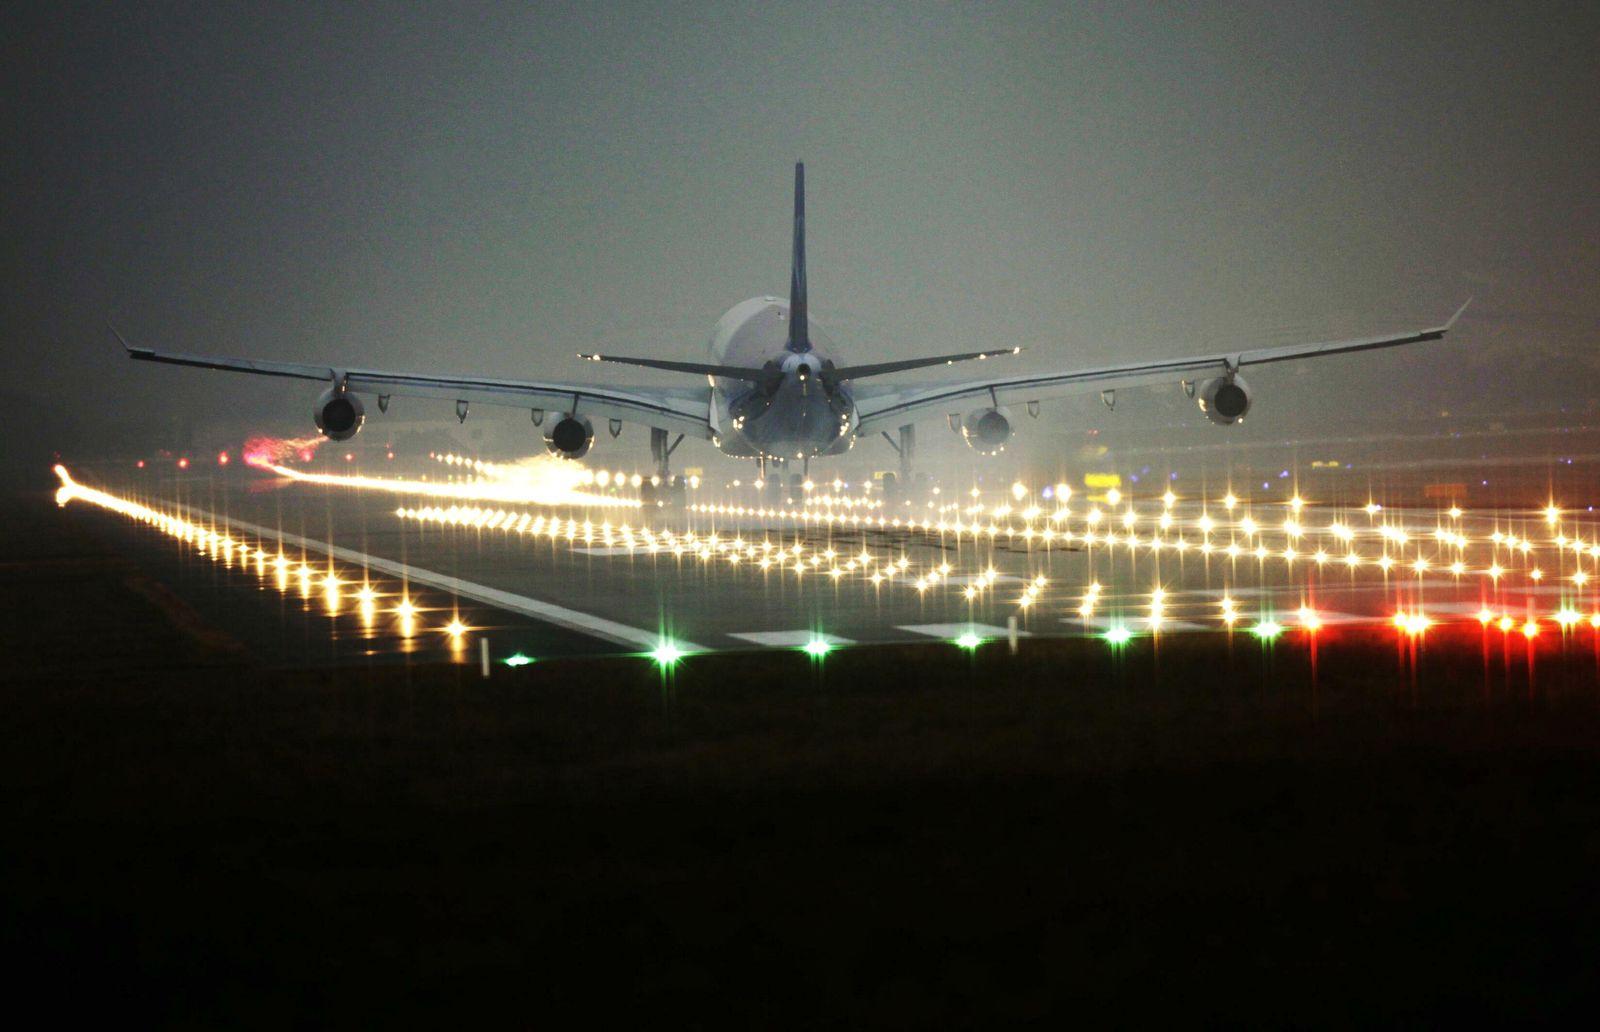 NICHT VERWENDEN Luftverkehr/Nachtflugverbot/Nachtfluege/Flughafen